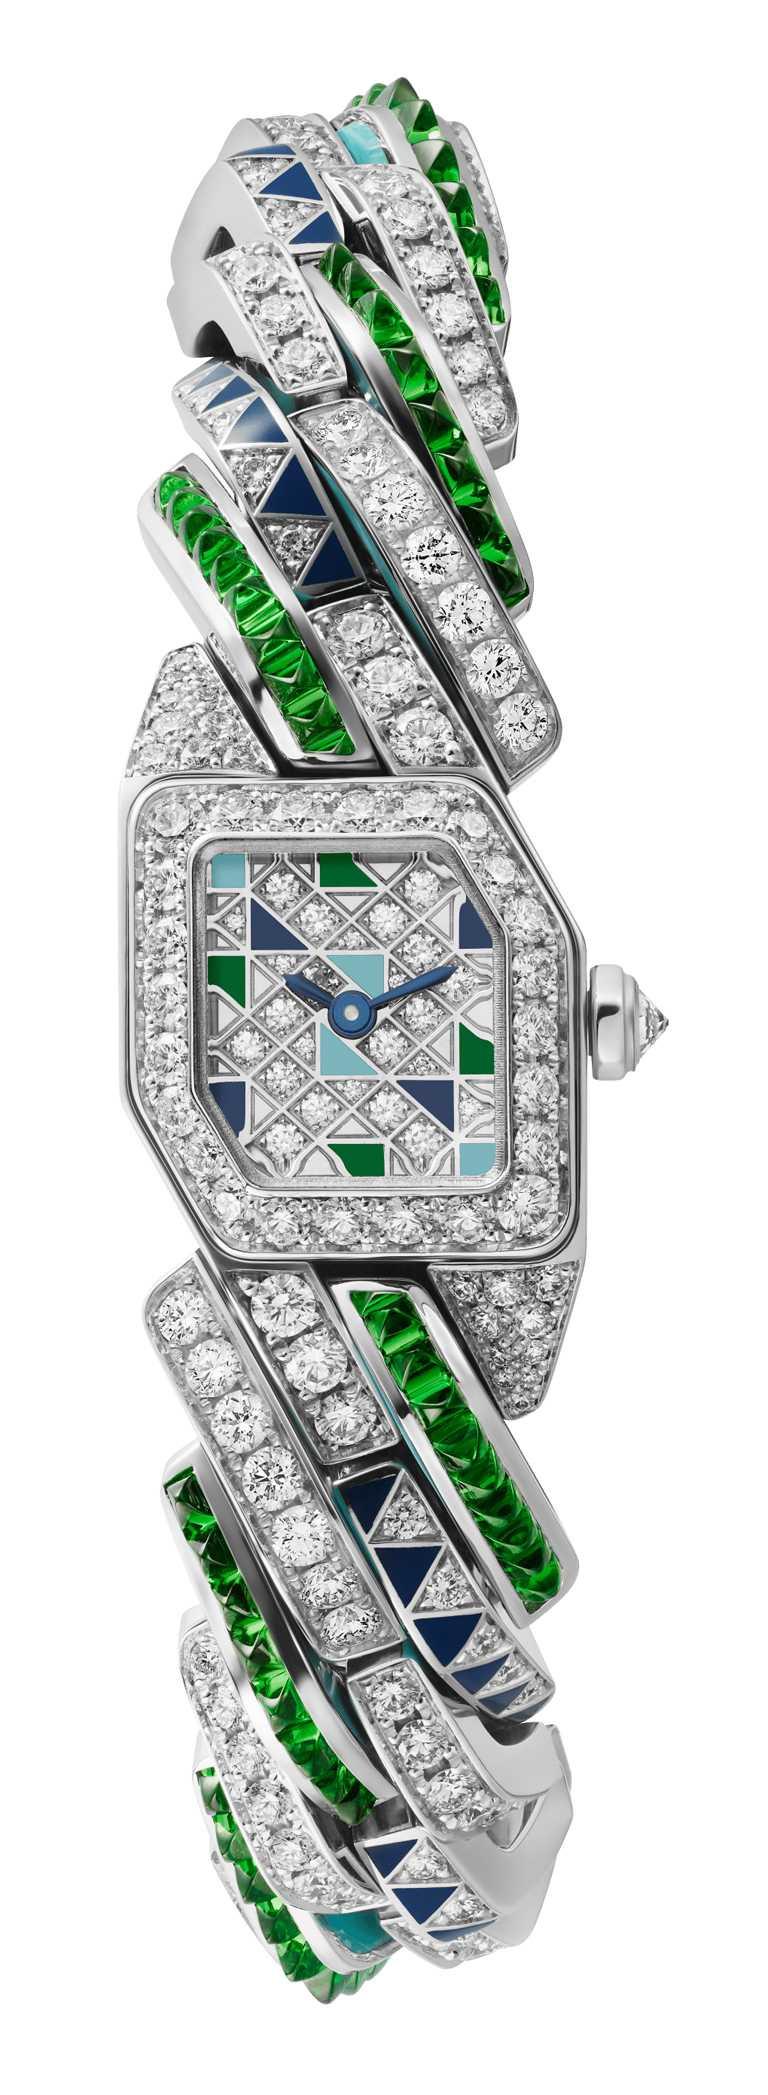 CARTIER「Maillon de Cartier」系列腕錶,白K金款,限量20只╱3,490,000元。(圖╱CARTIER提供)